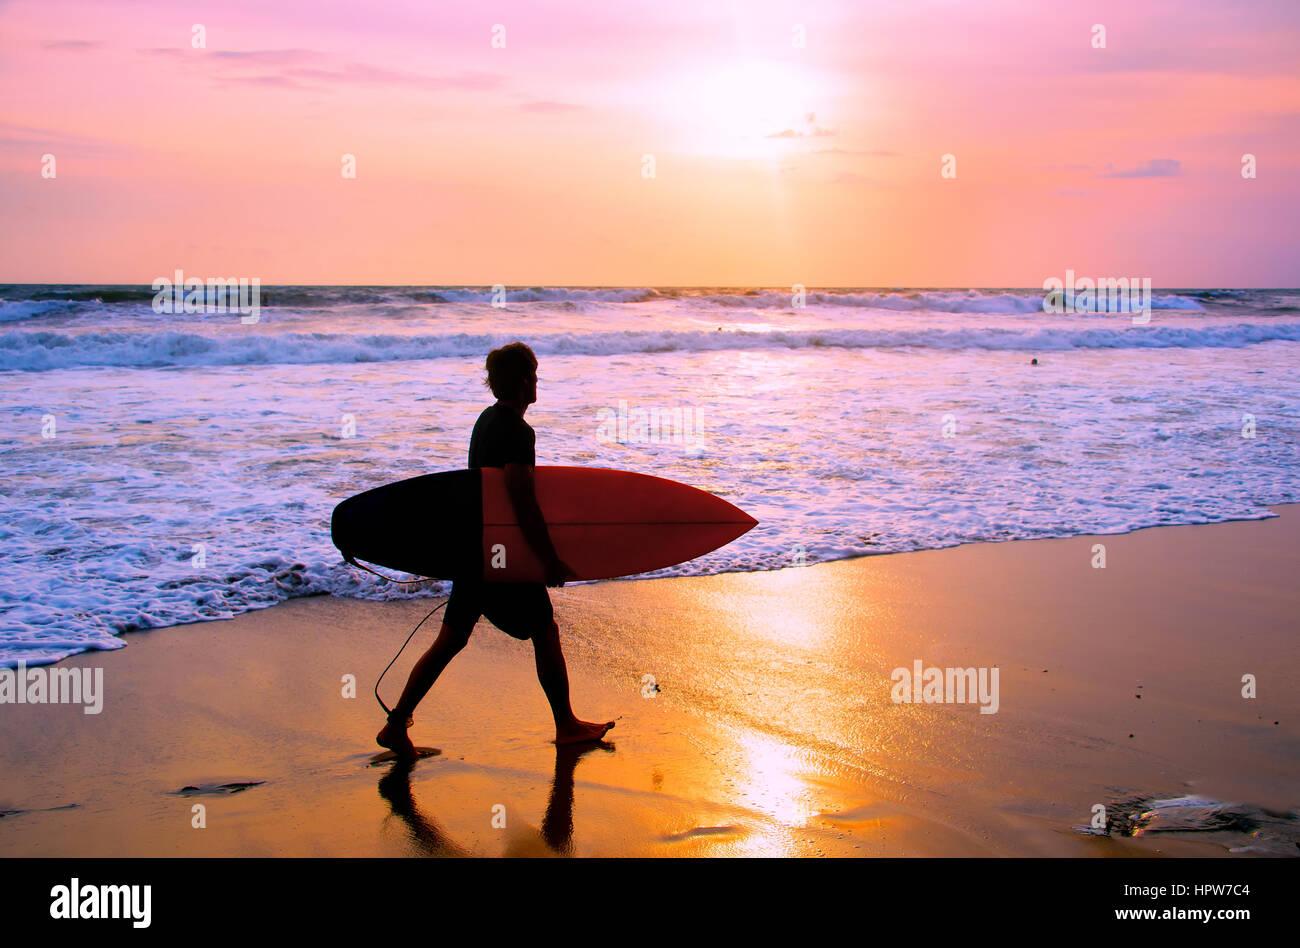 Surfer mit Surfbrett zu Fuß am Strand bei Sonnenuntergang. Insel Bali, Indonesien Stockfoto